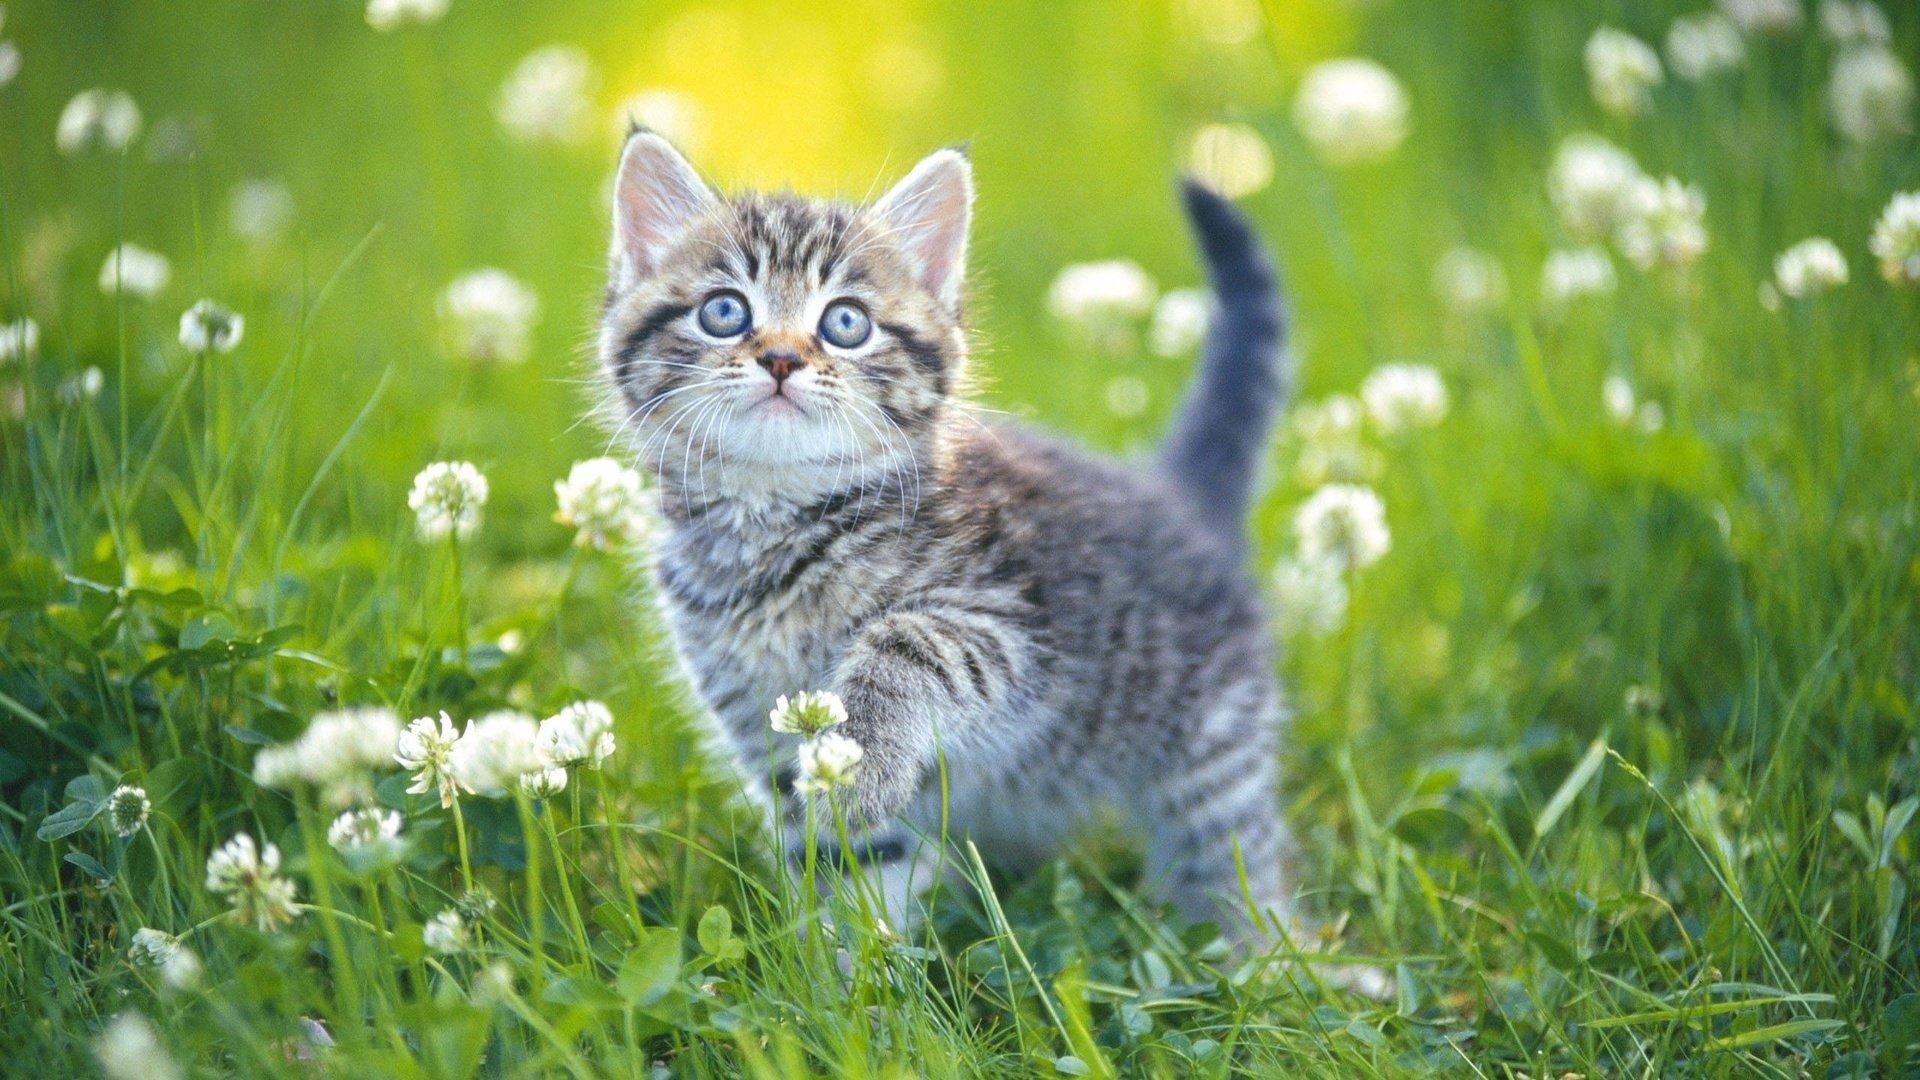 Рыжий котенок в траве в хорошем качестве